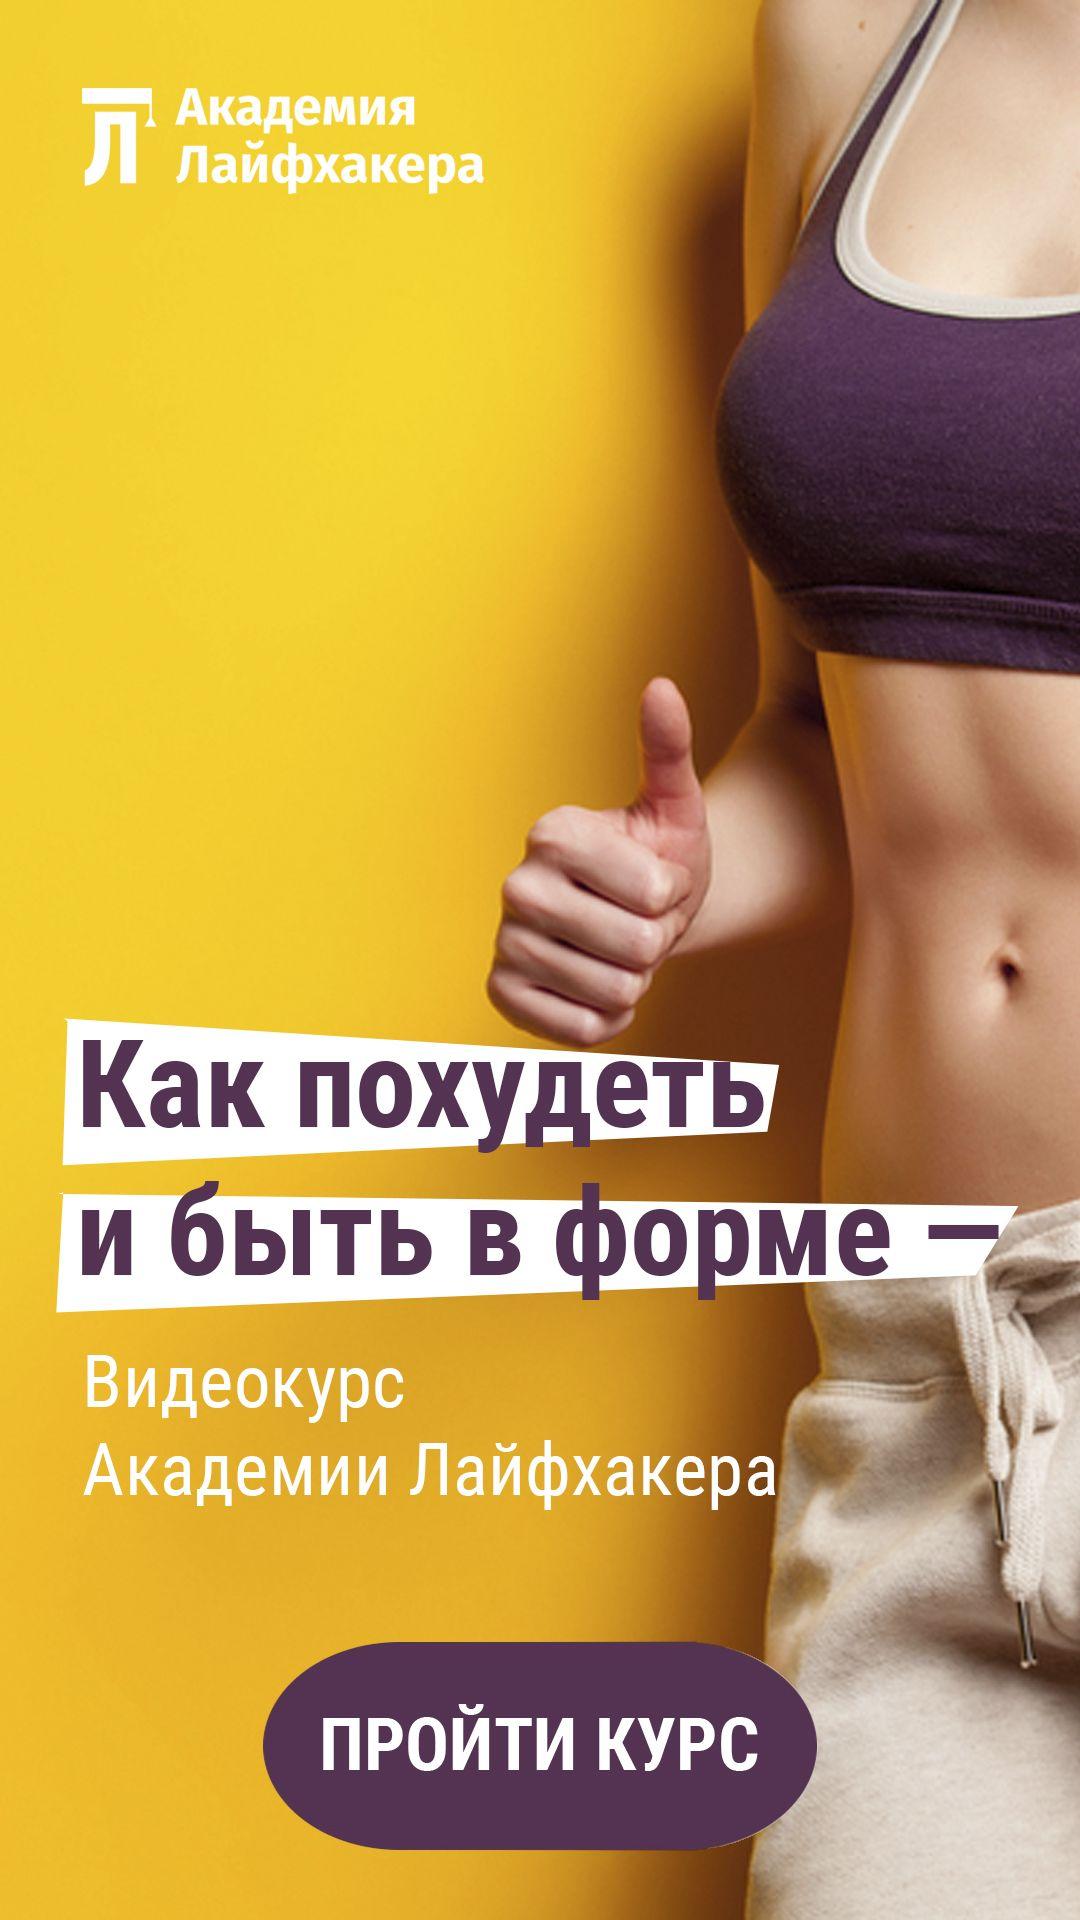 хочу похудеть но нет силы